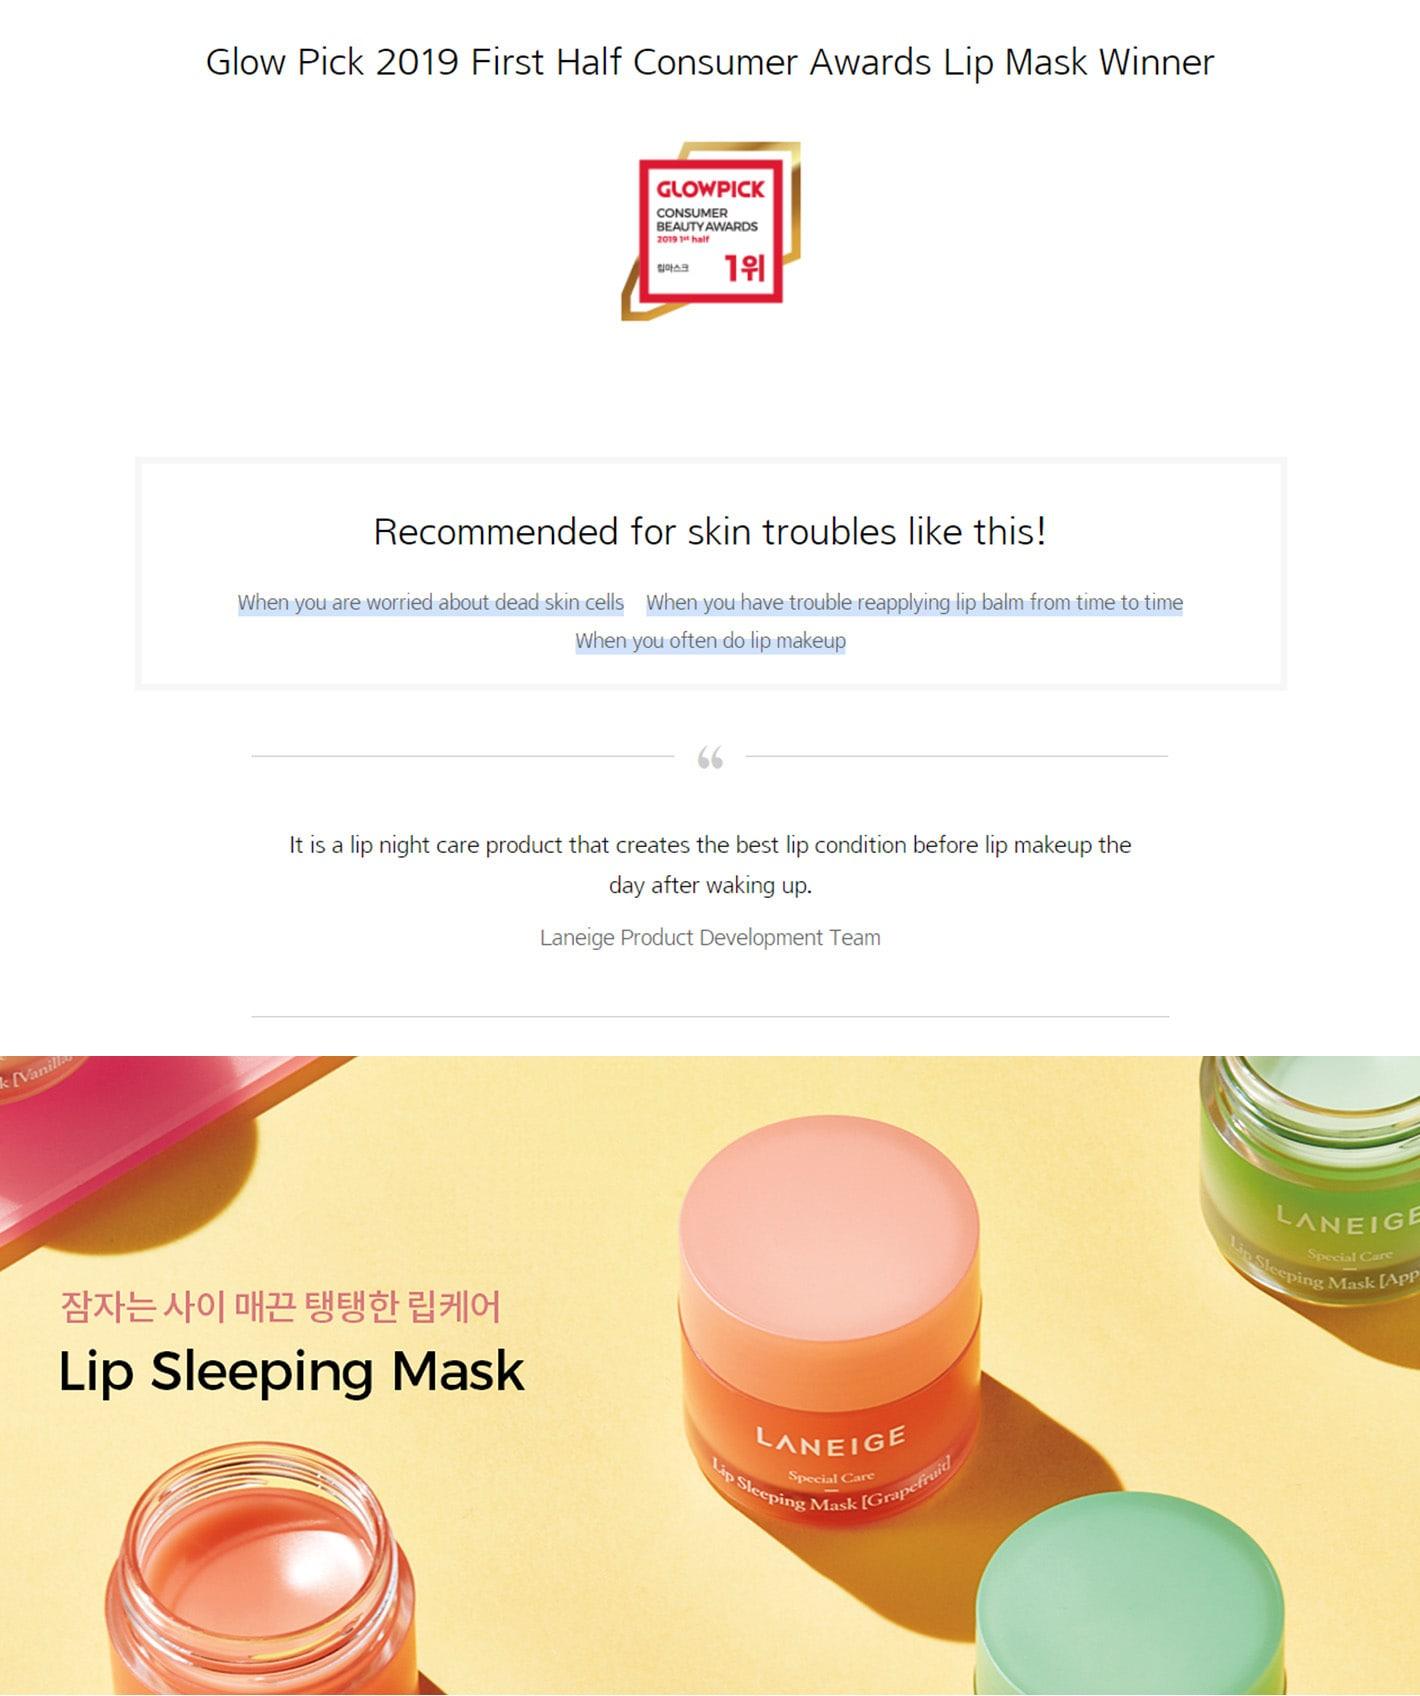 Lip Sleeping Mask - Award